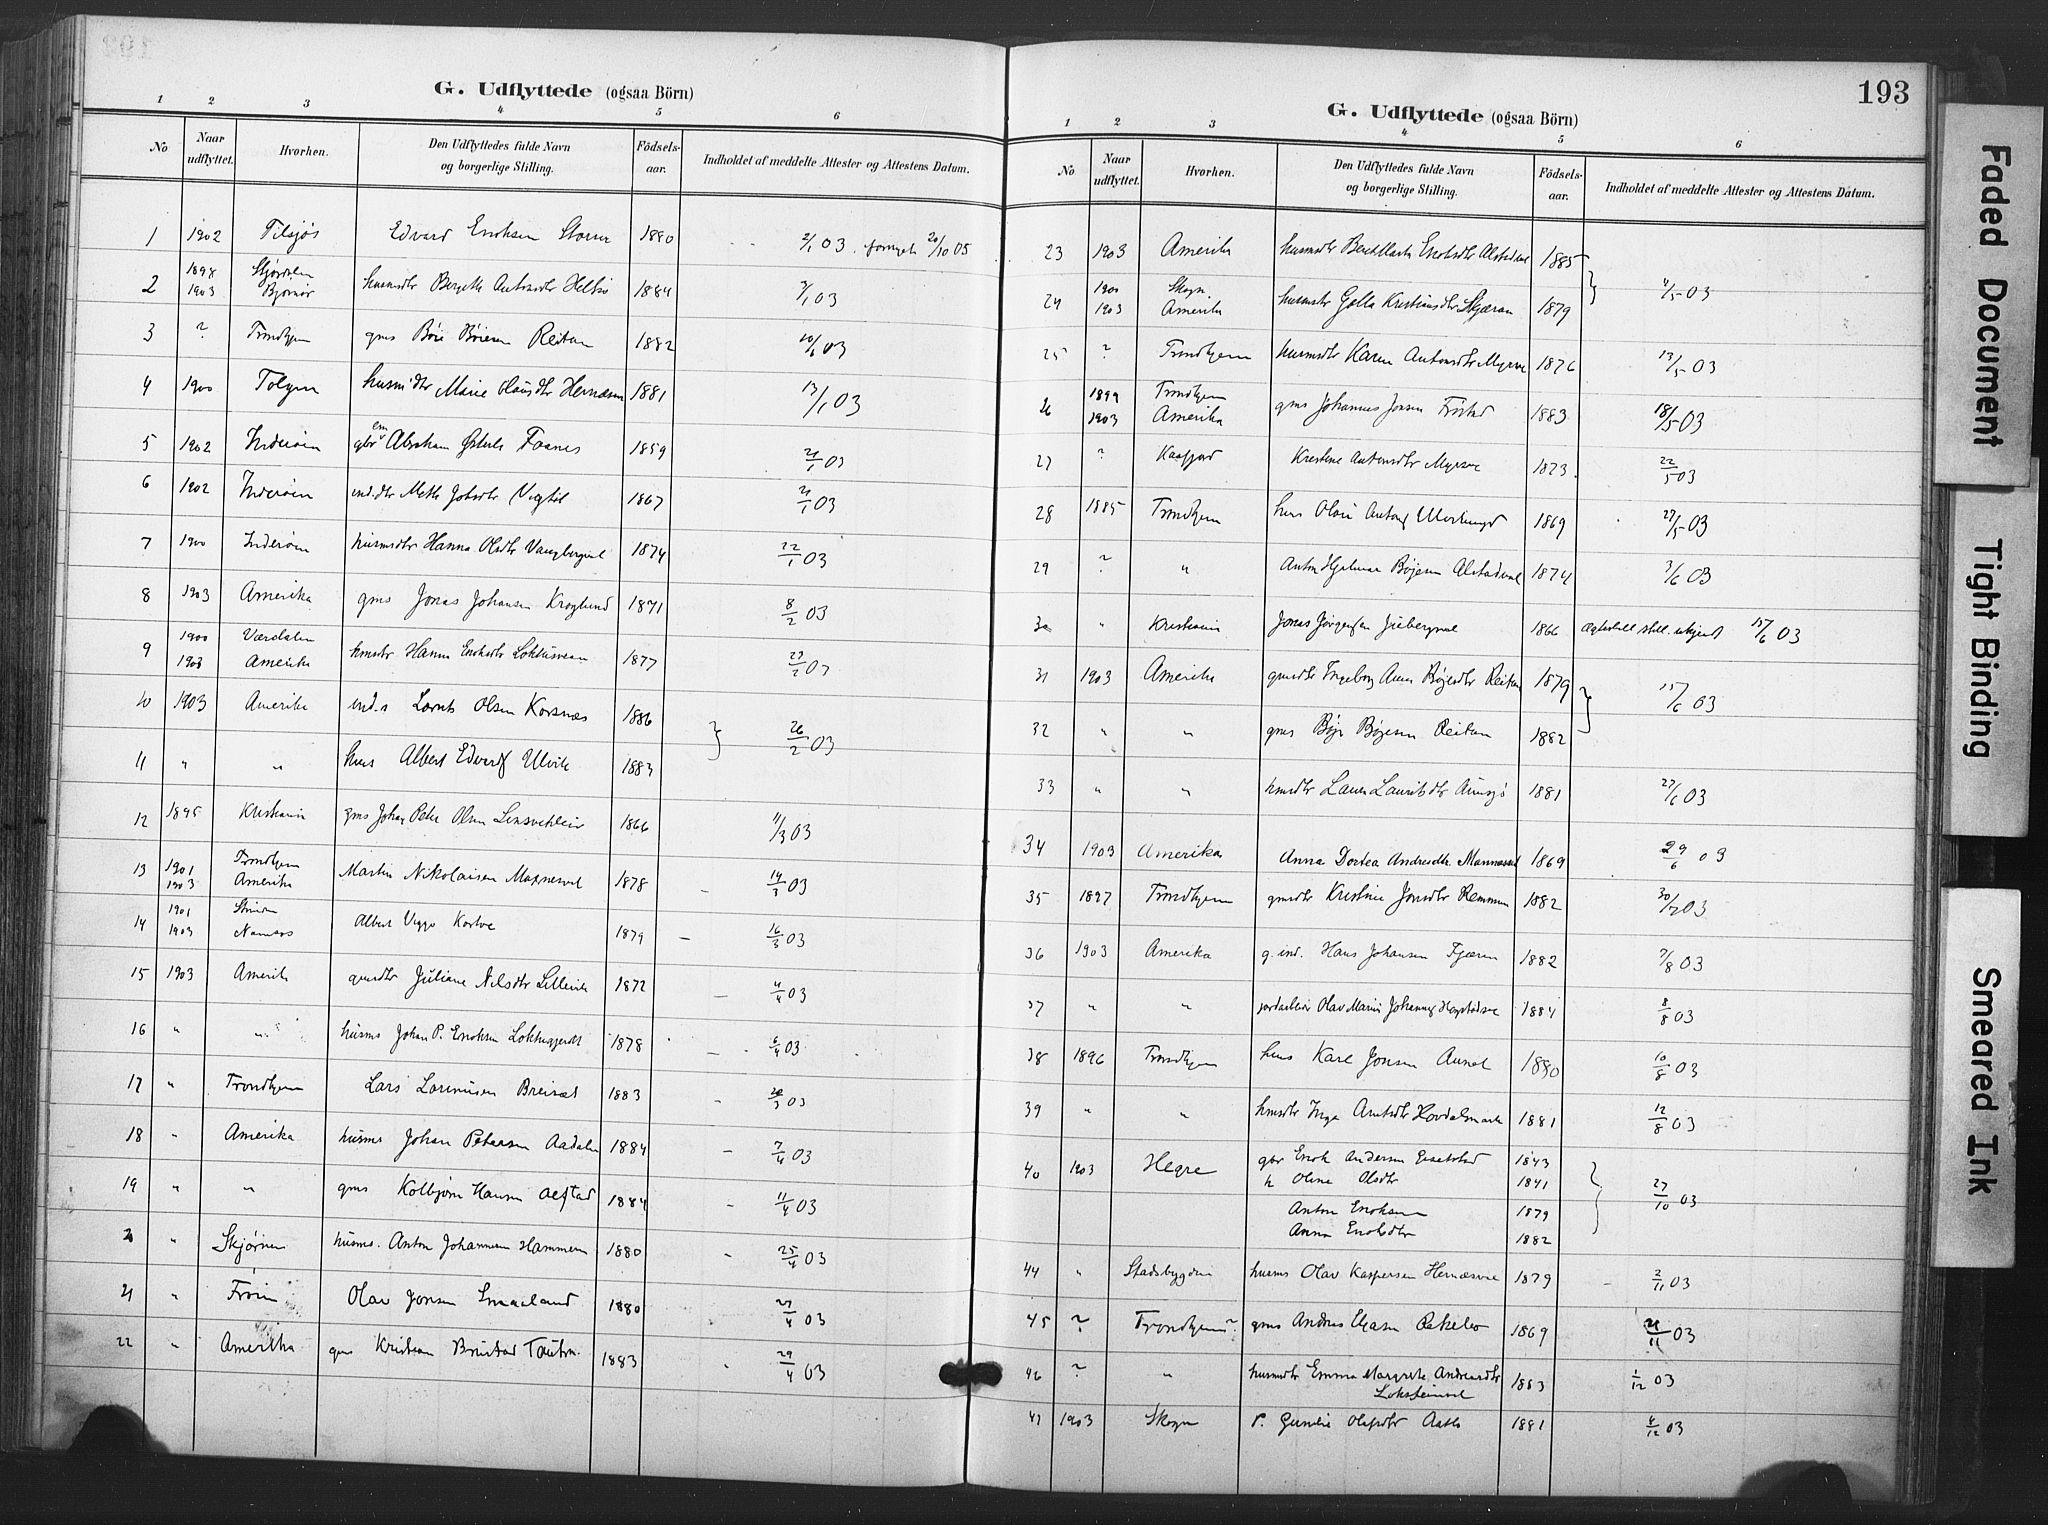 SAT, Ministerialprotokoller, klokkerbøker og fødselsregistre - Nord-Trøndelag, 713/L0122: Ministerialbok nr. 713A11, 1899-1910, s. 193